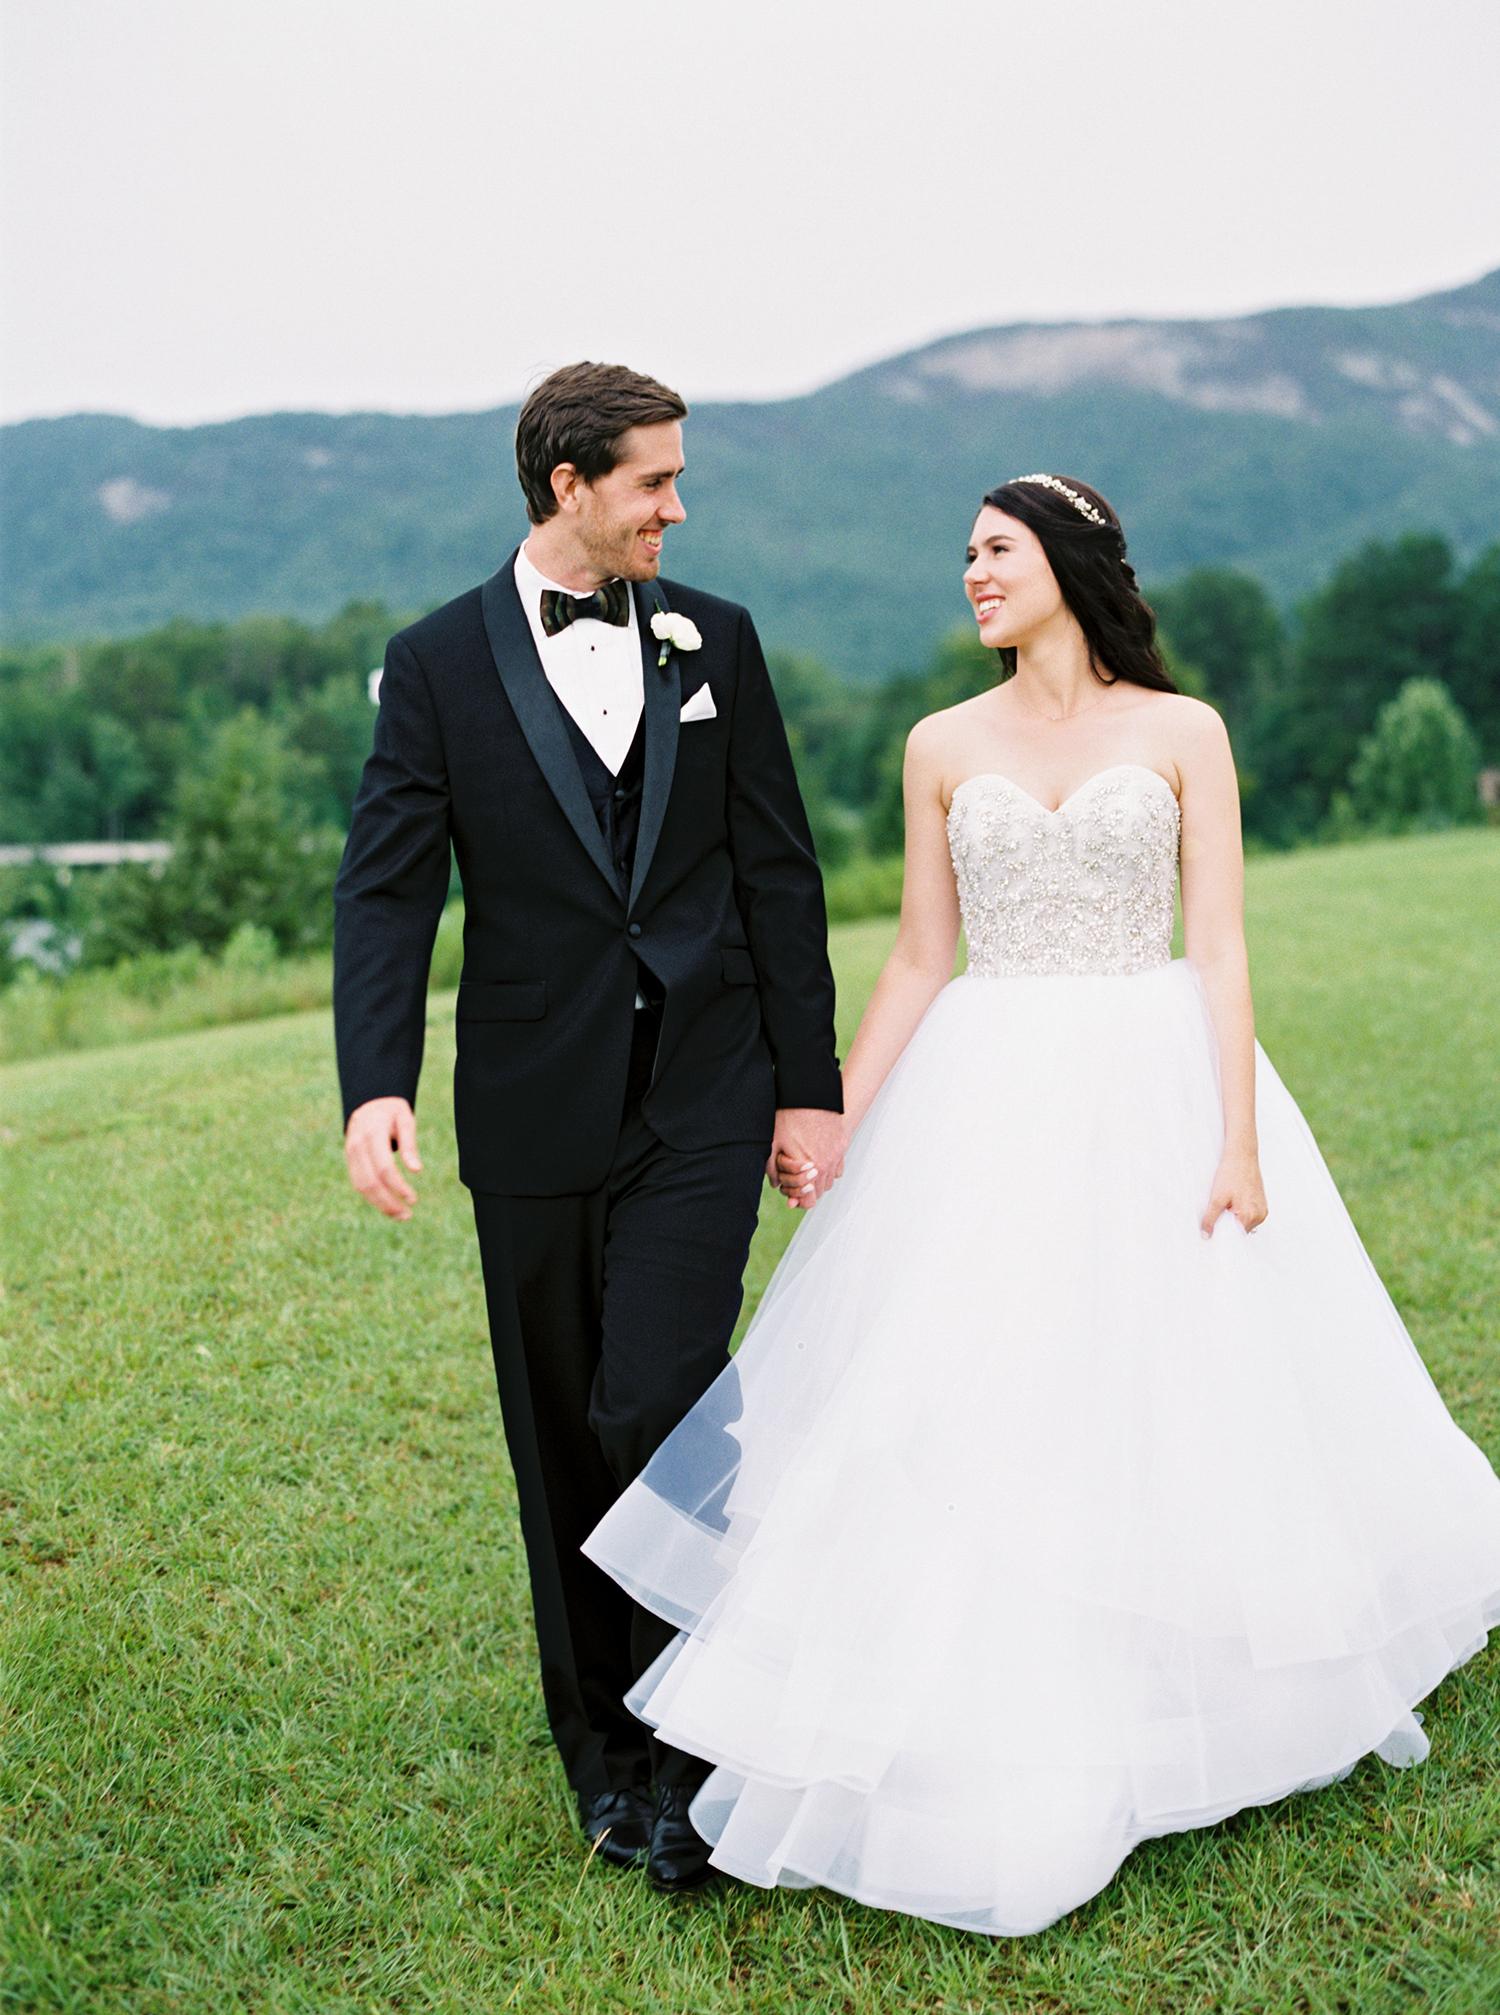 dani jackson wedding couple with mountain backdrop